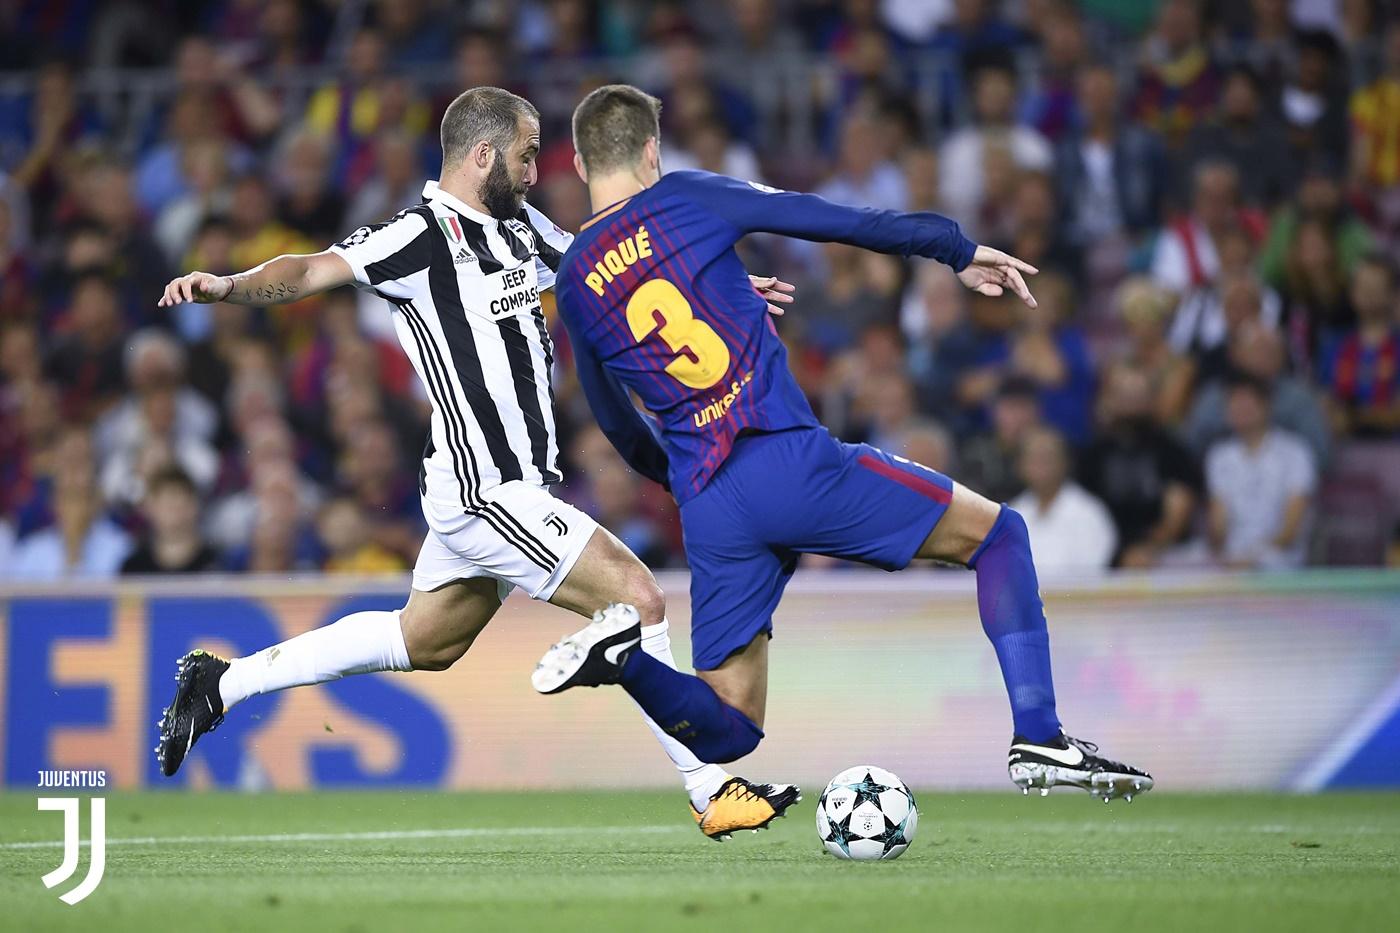 Прогноз наматч Ювентус— Барселона: коллектив изТурина победит снулевой форой!